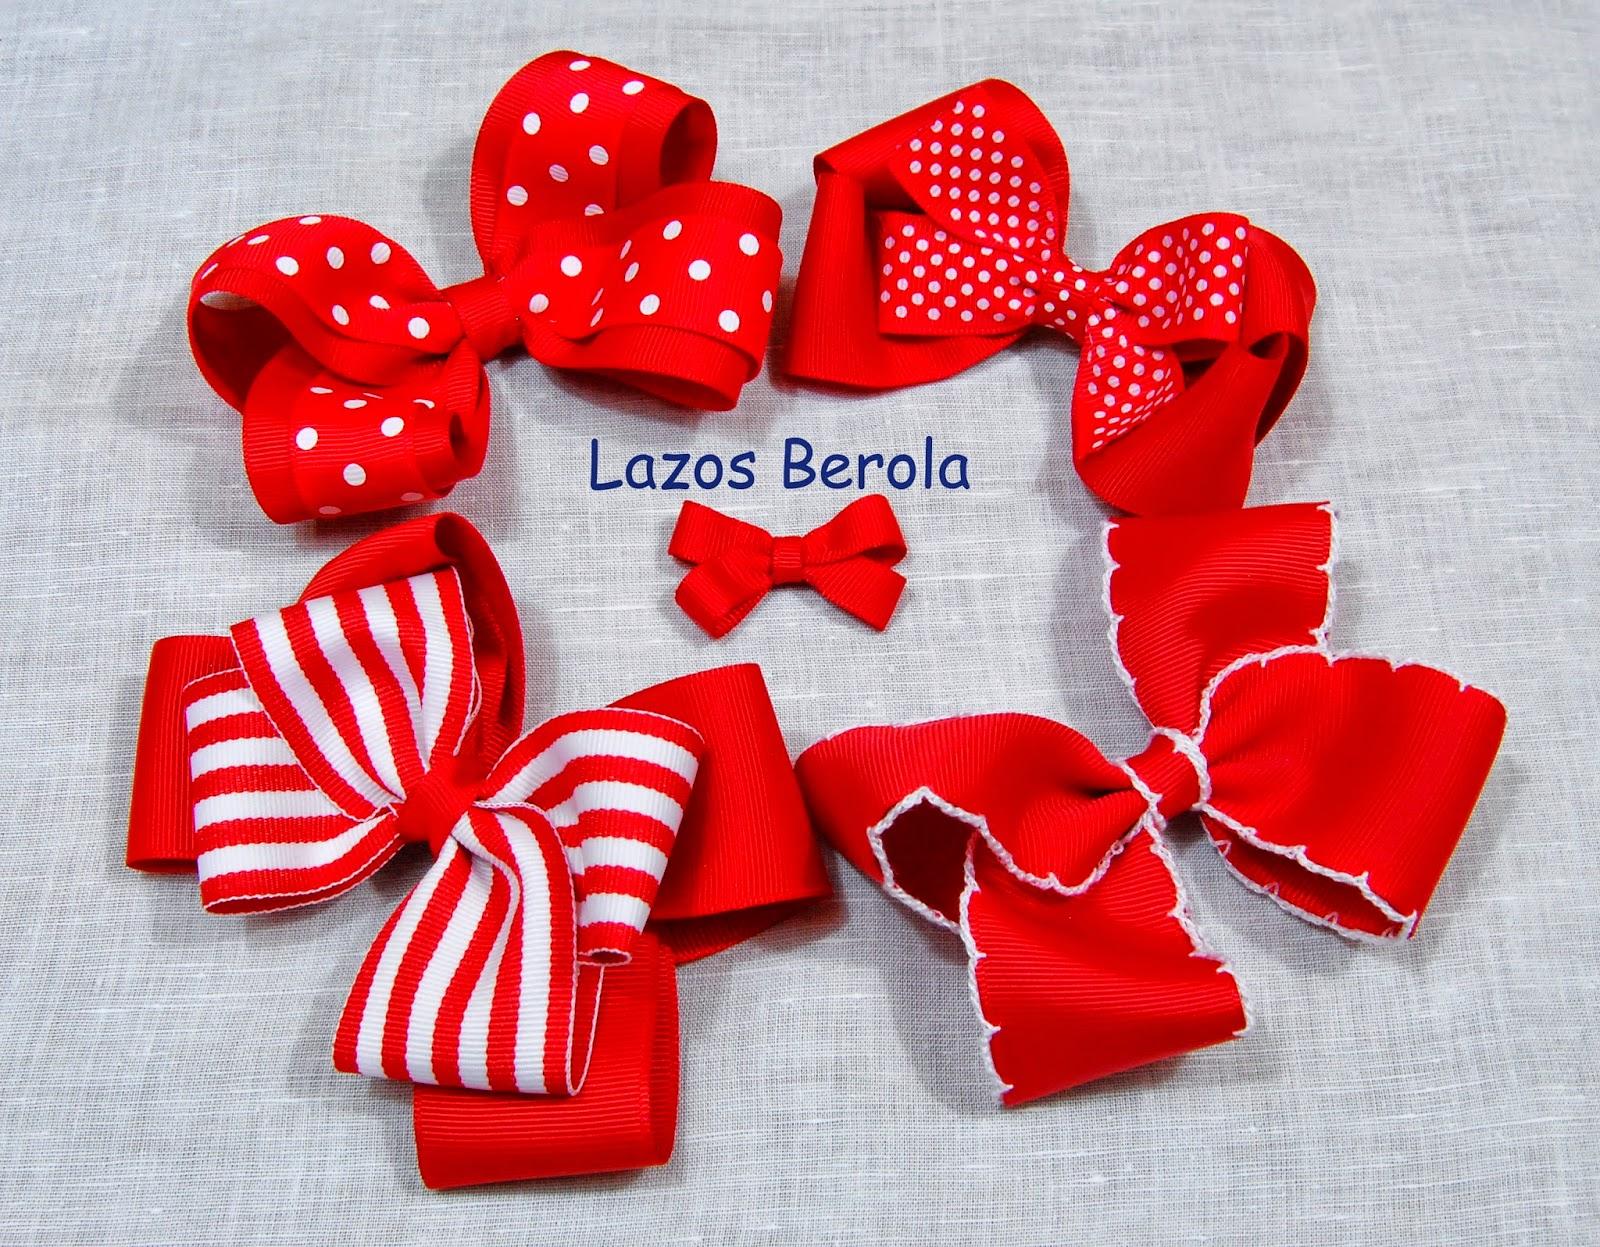 Lazos con cinta cajas de regalo plano isomtrico y bolsas for Decorar con lazos